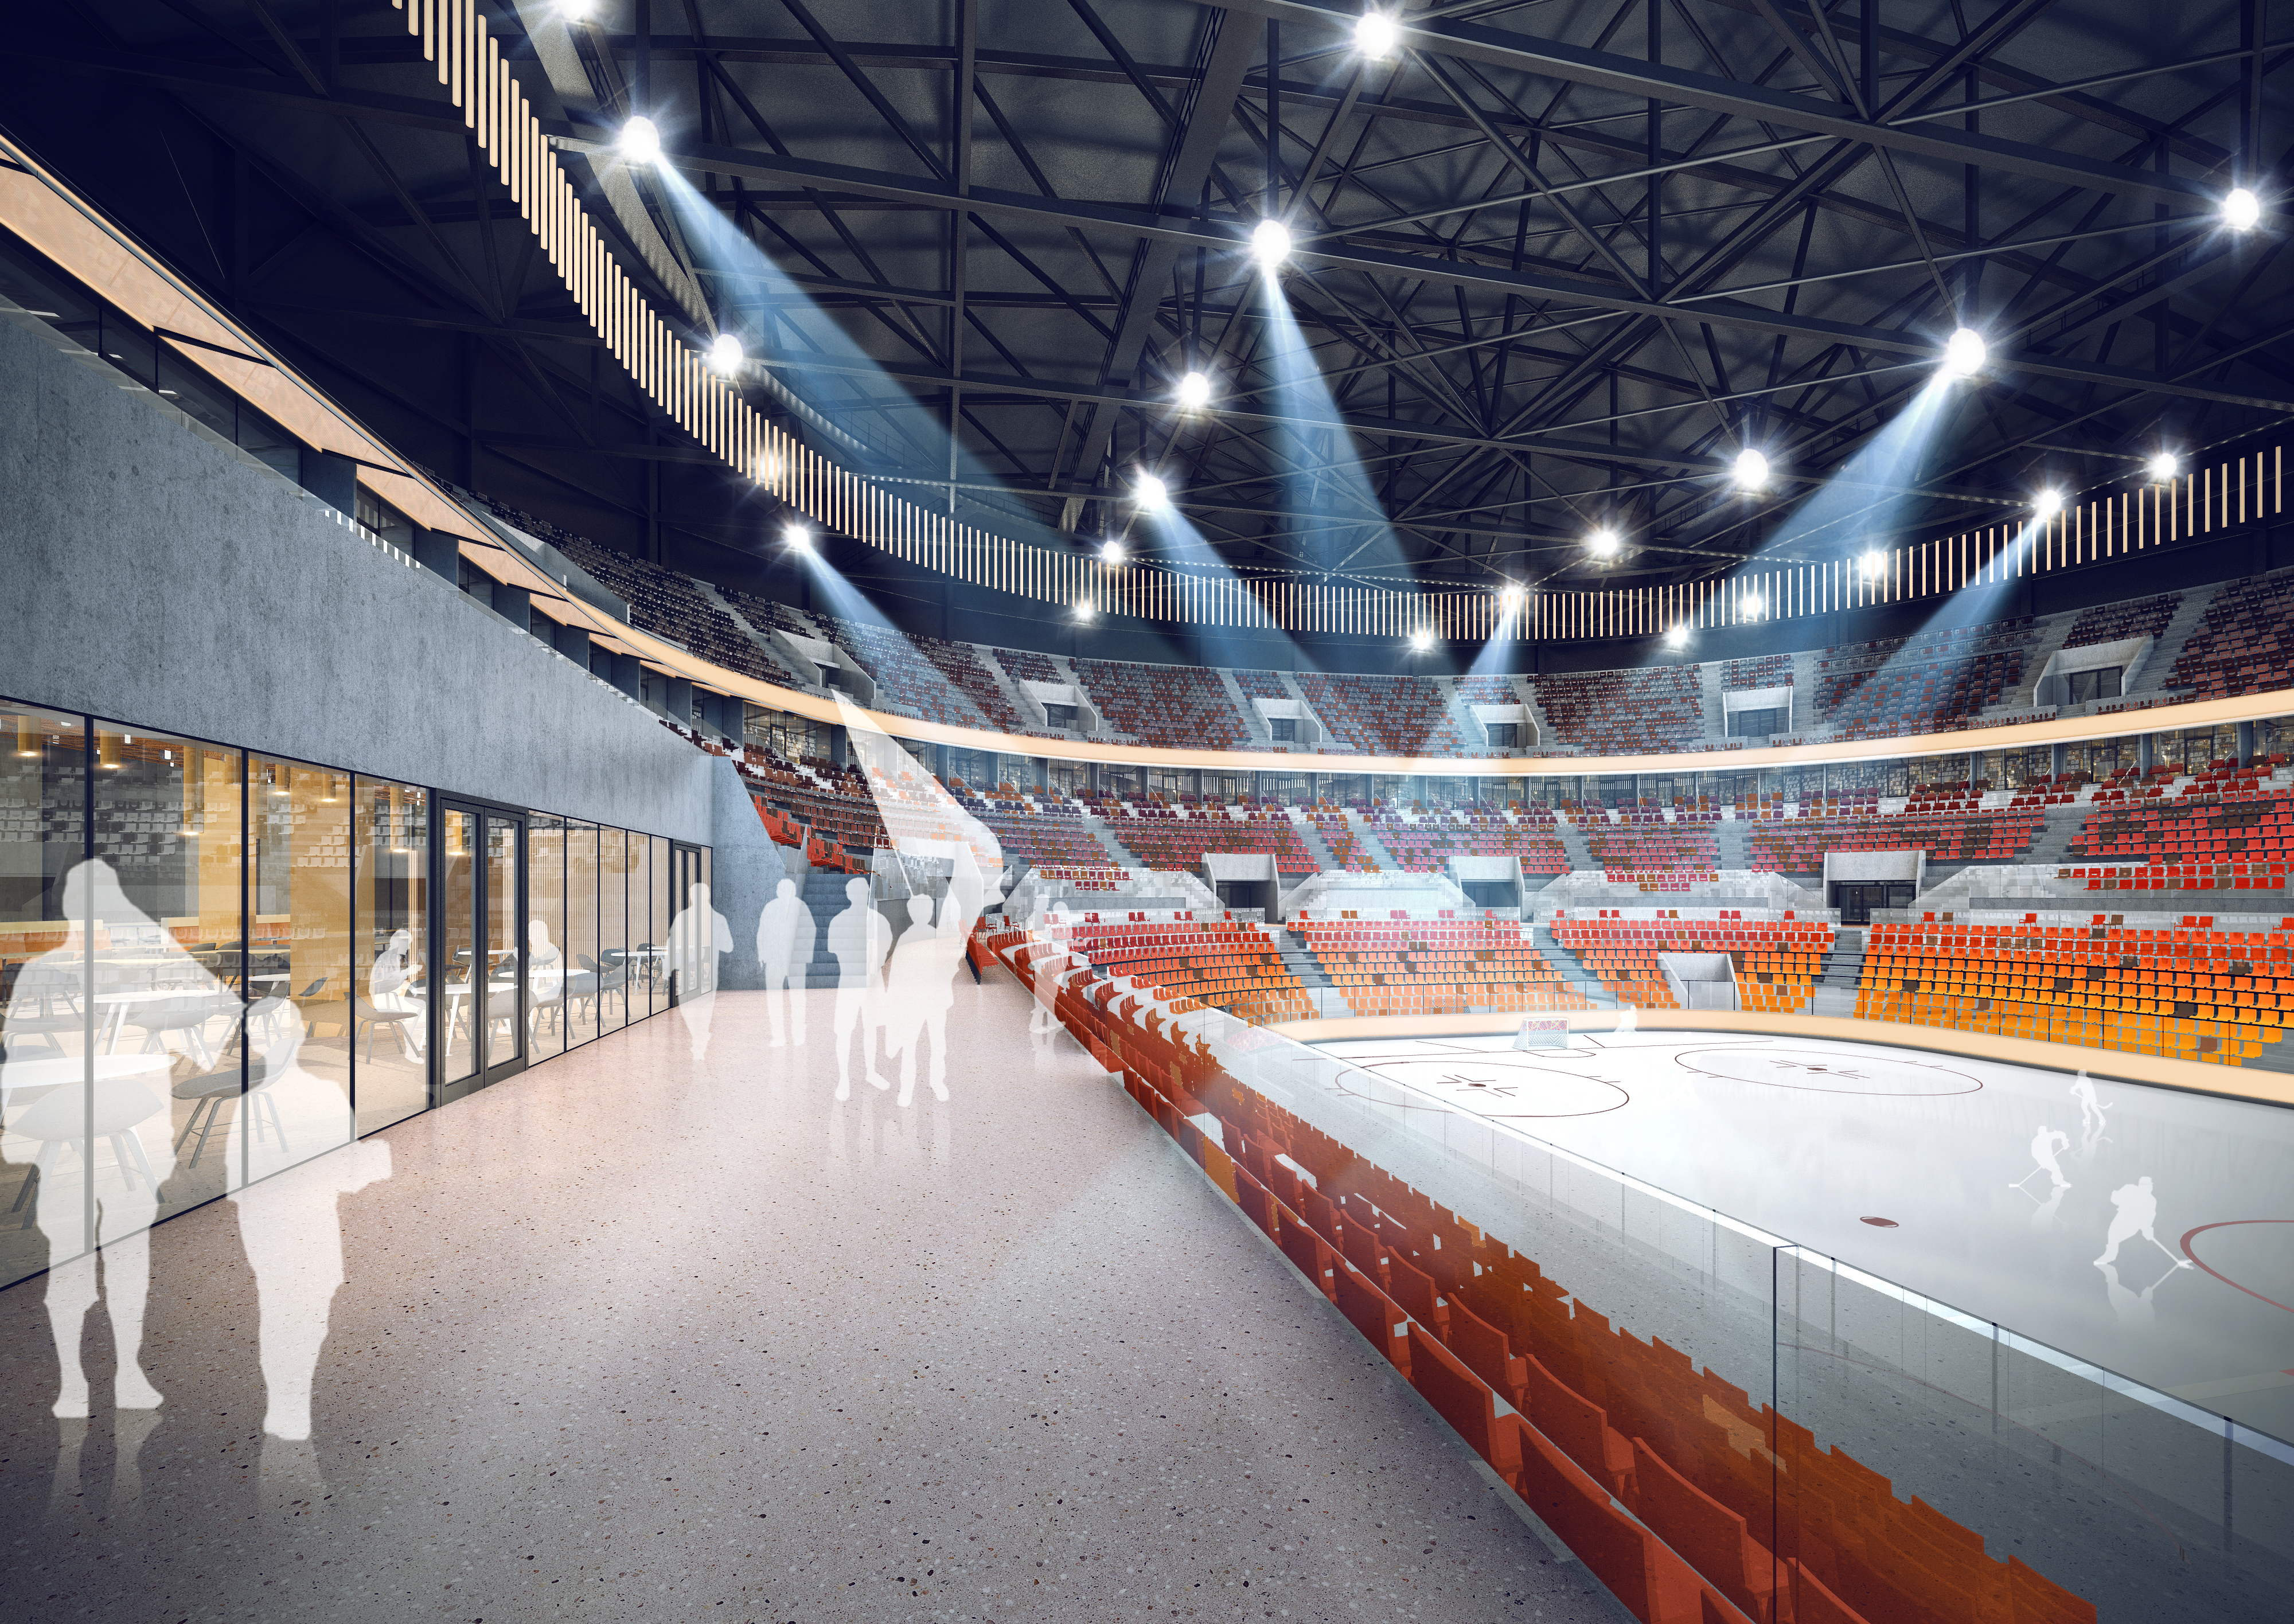 Der Stadioninnenraum bei Nutzung als Eisarena.